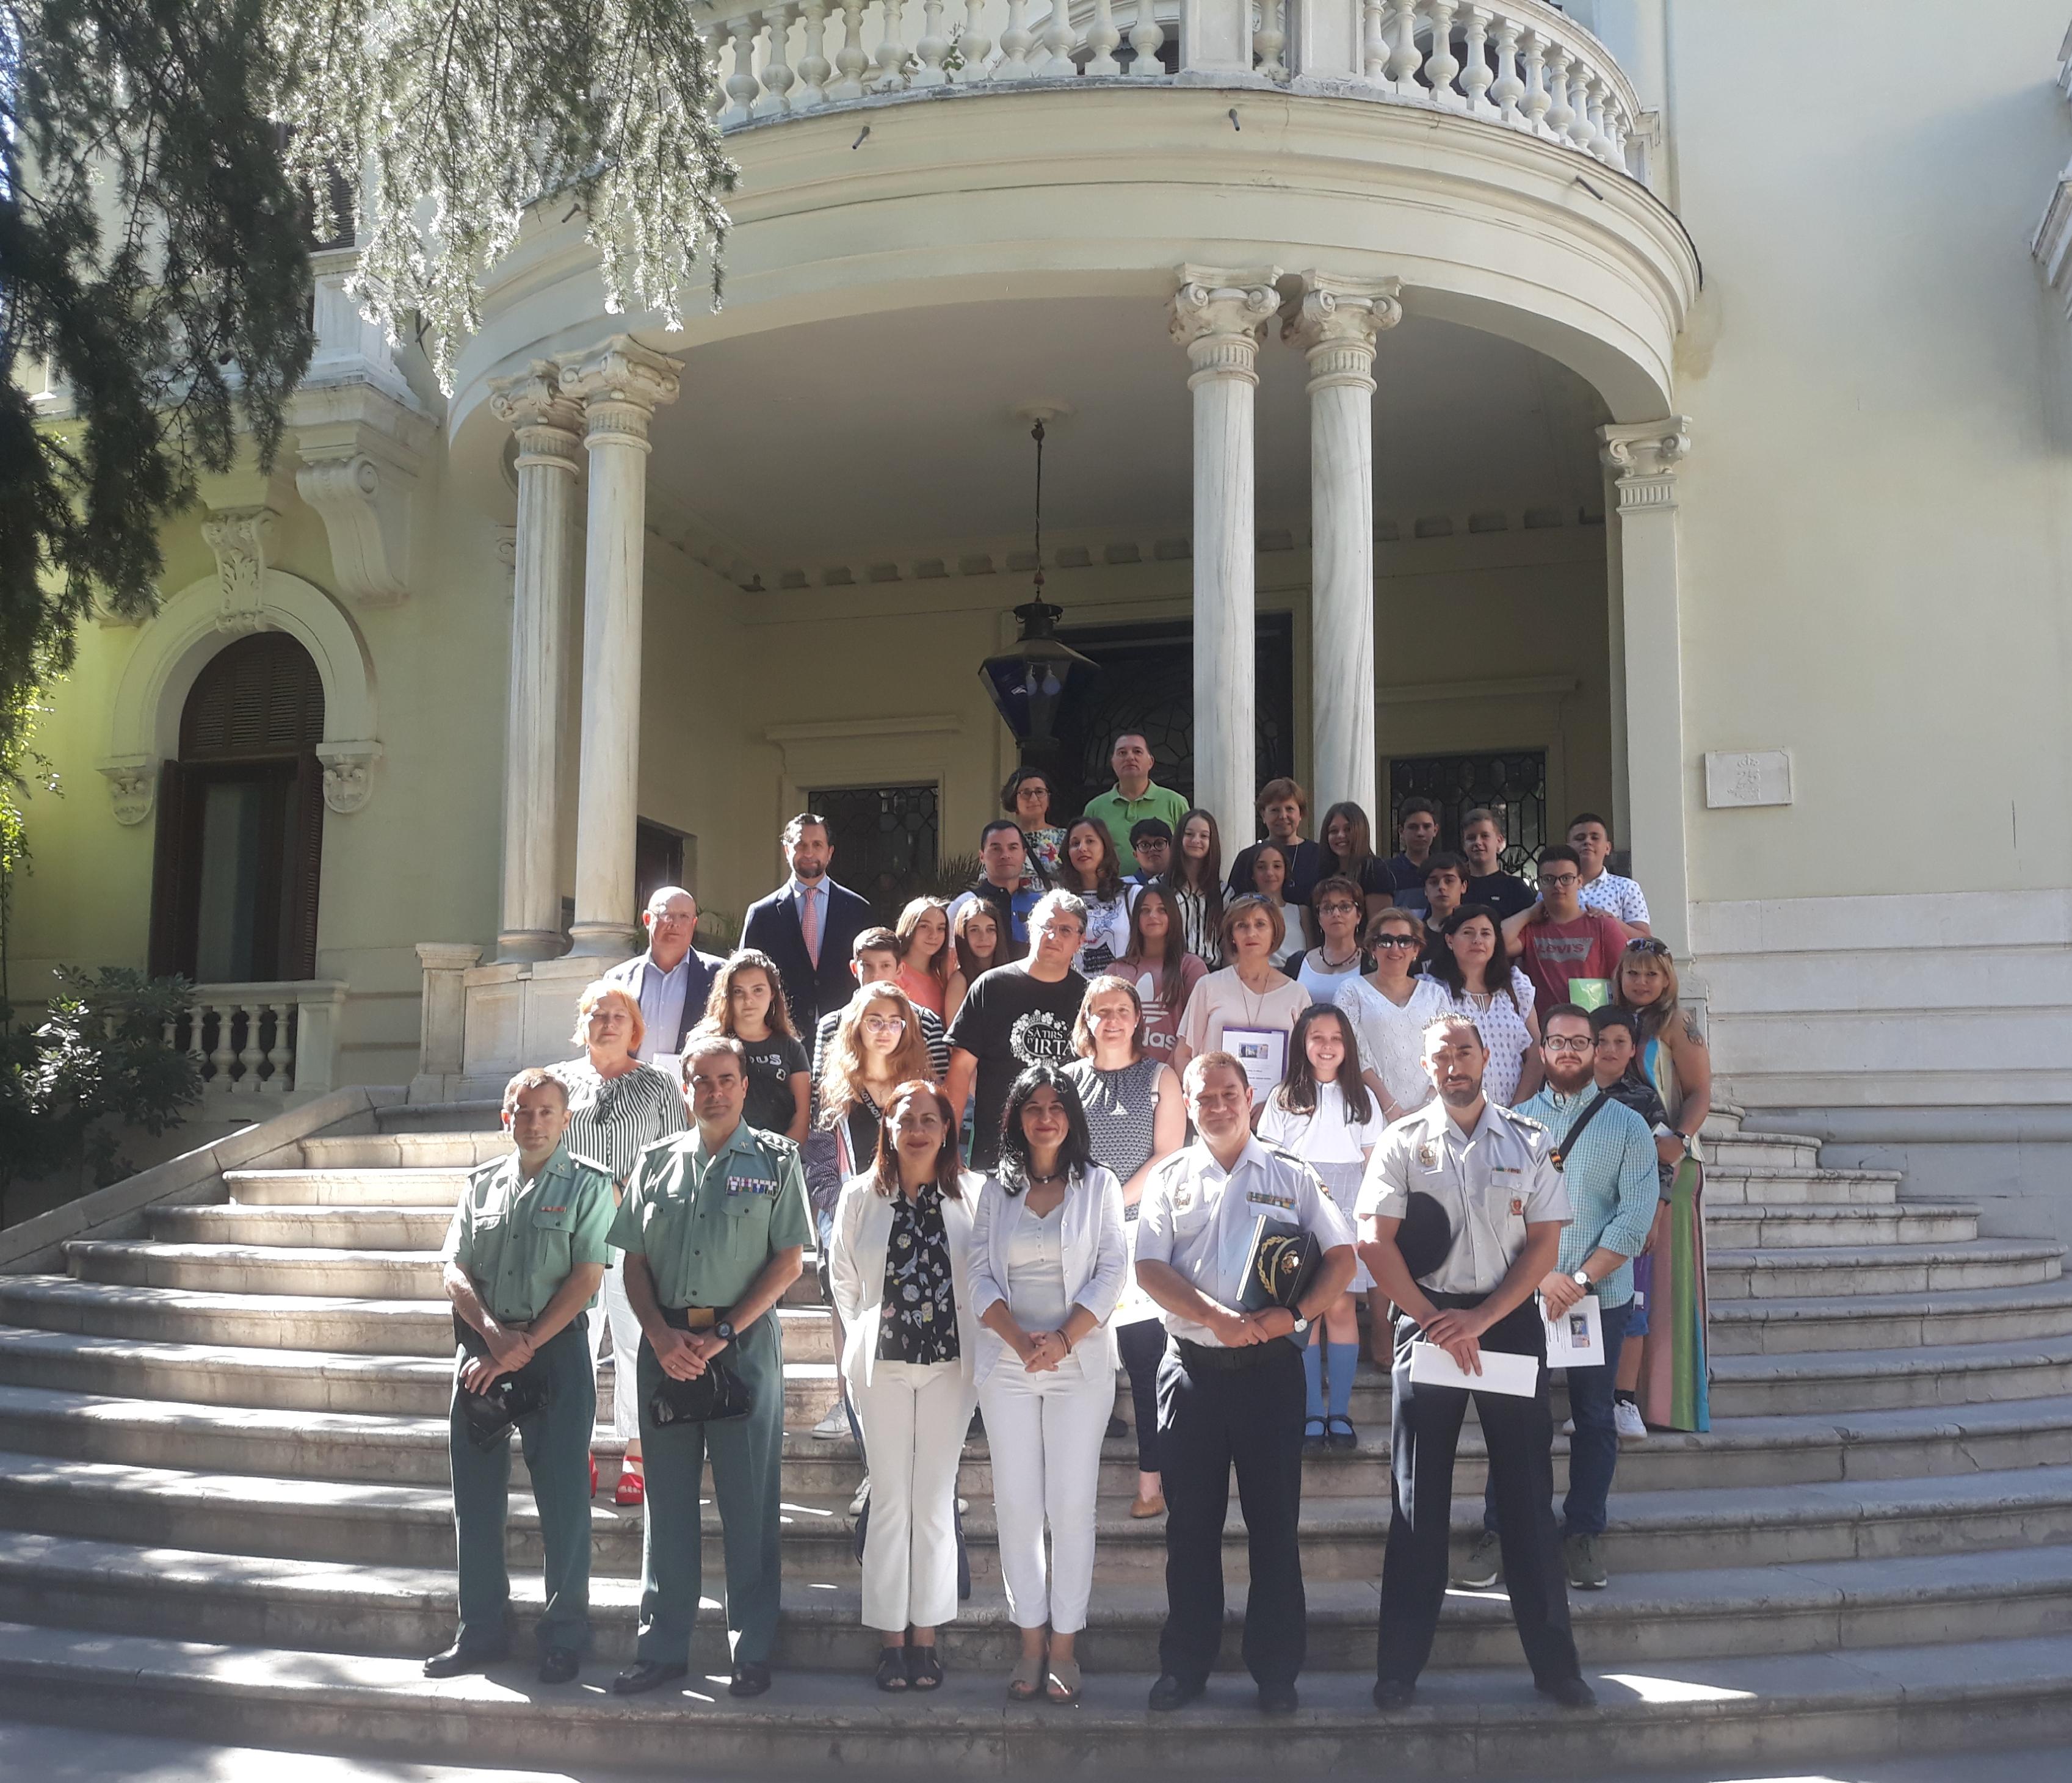 El Plan Director para la Convivencia y Seguridad unifica a 251 centros educativos en la concienciación de los más jóvenes